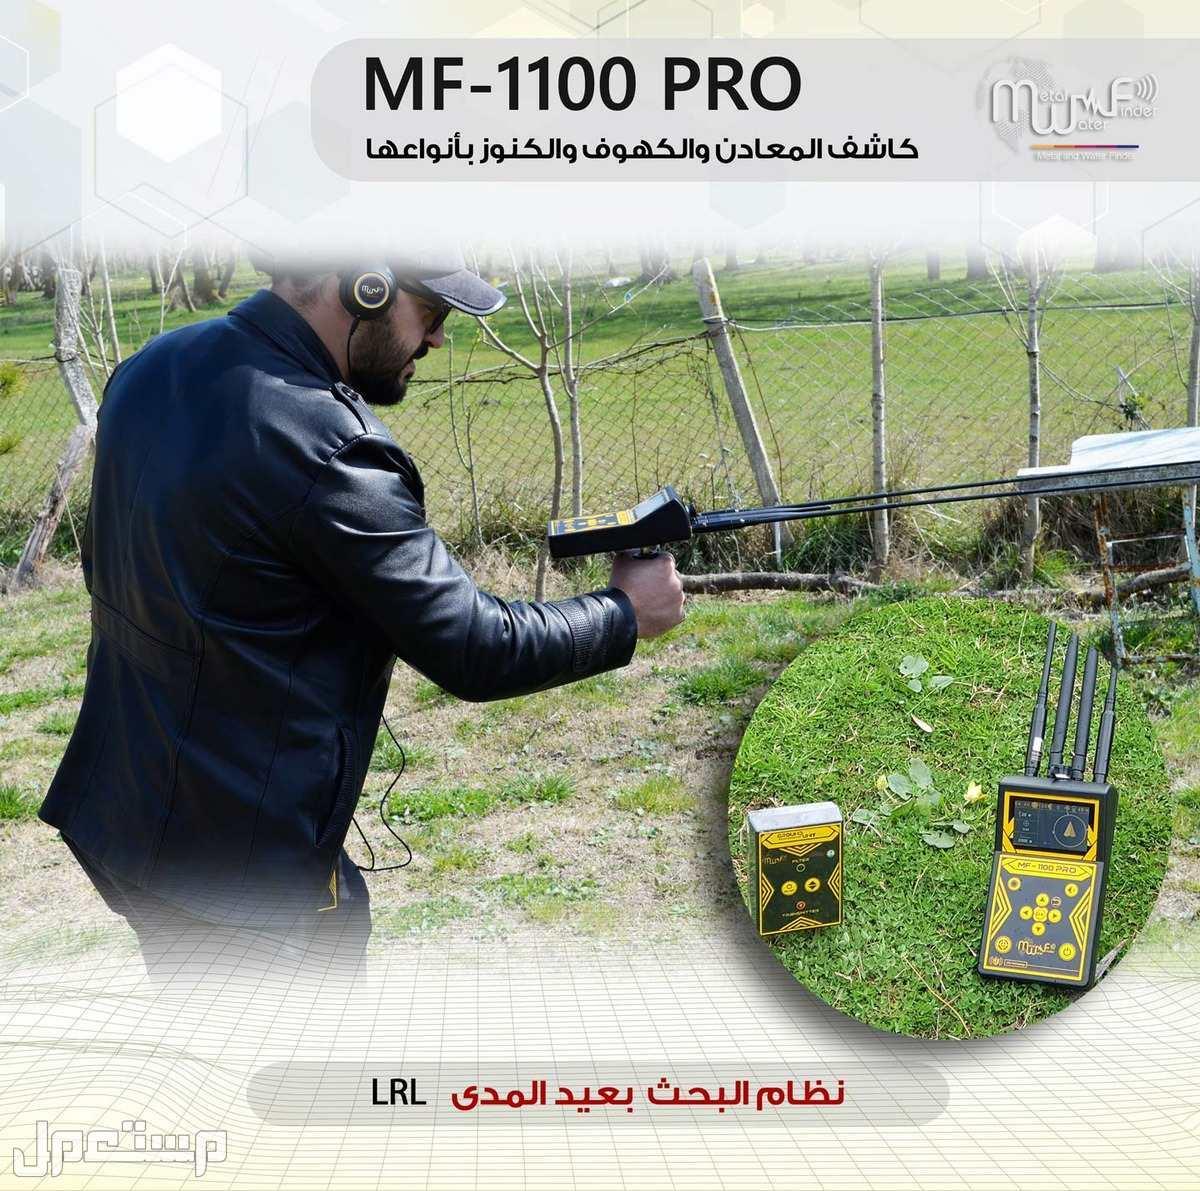 جهاز كشف الذهب والكنوز mf1100pro ب 3 حزم جهاز كشف الذهب والكنوز mf1100pro ب 3 حزم